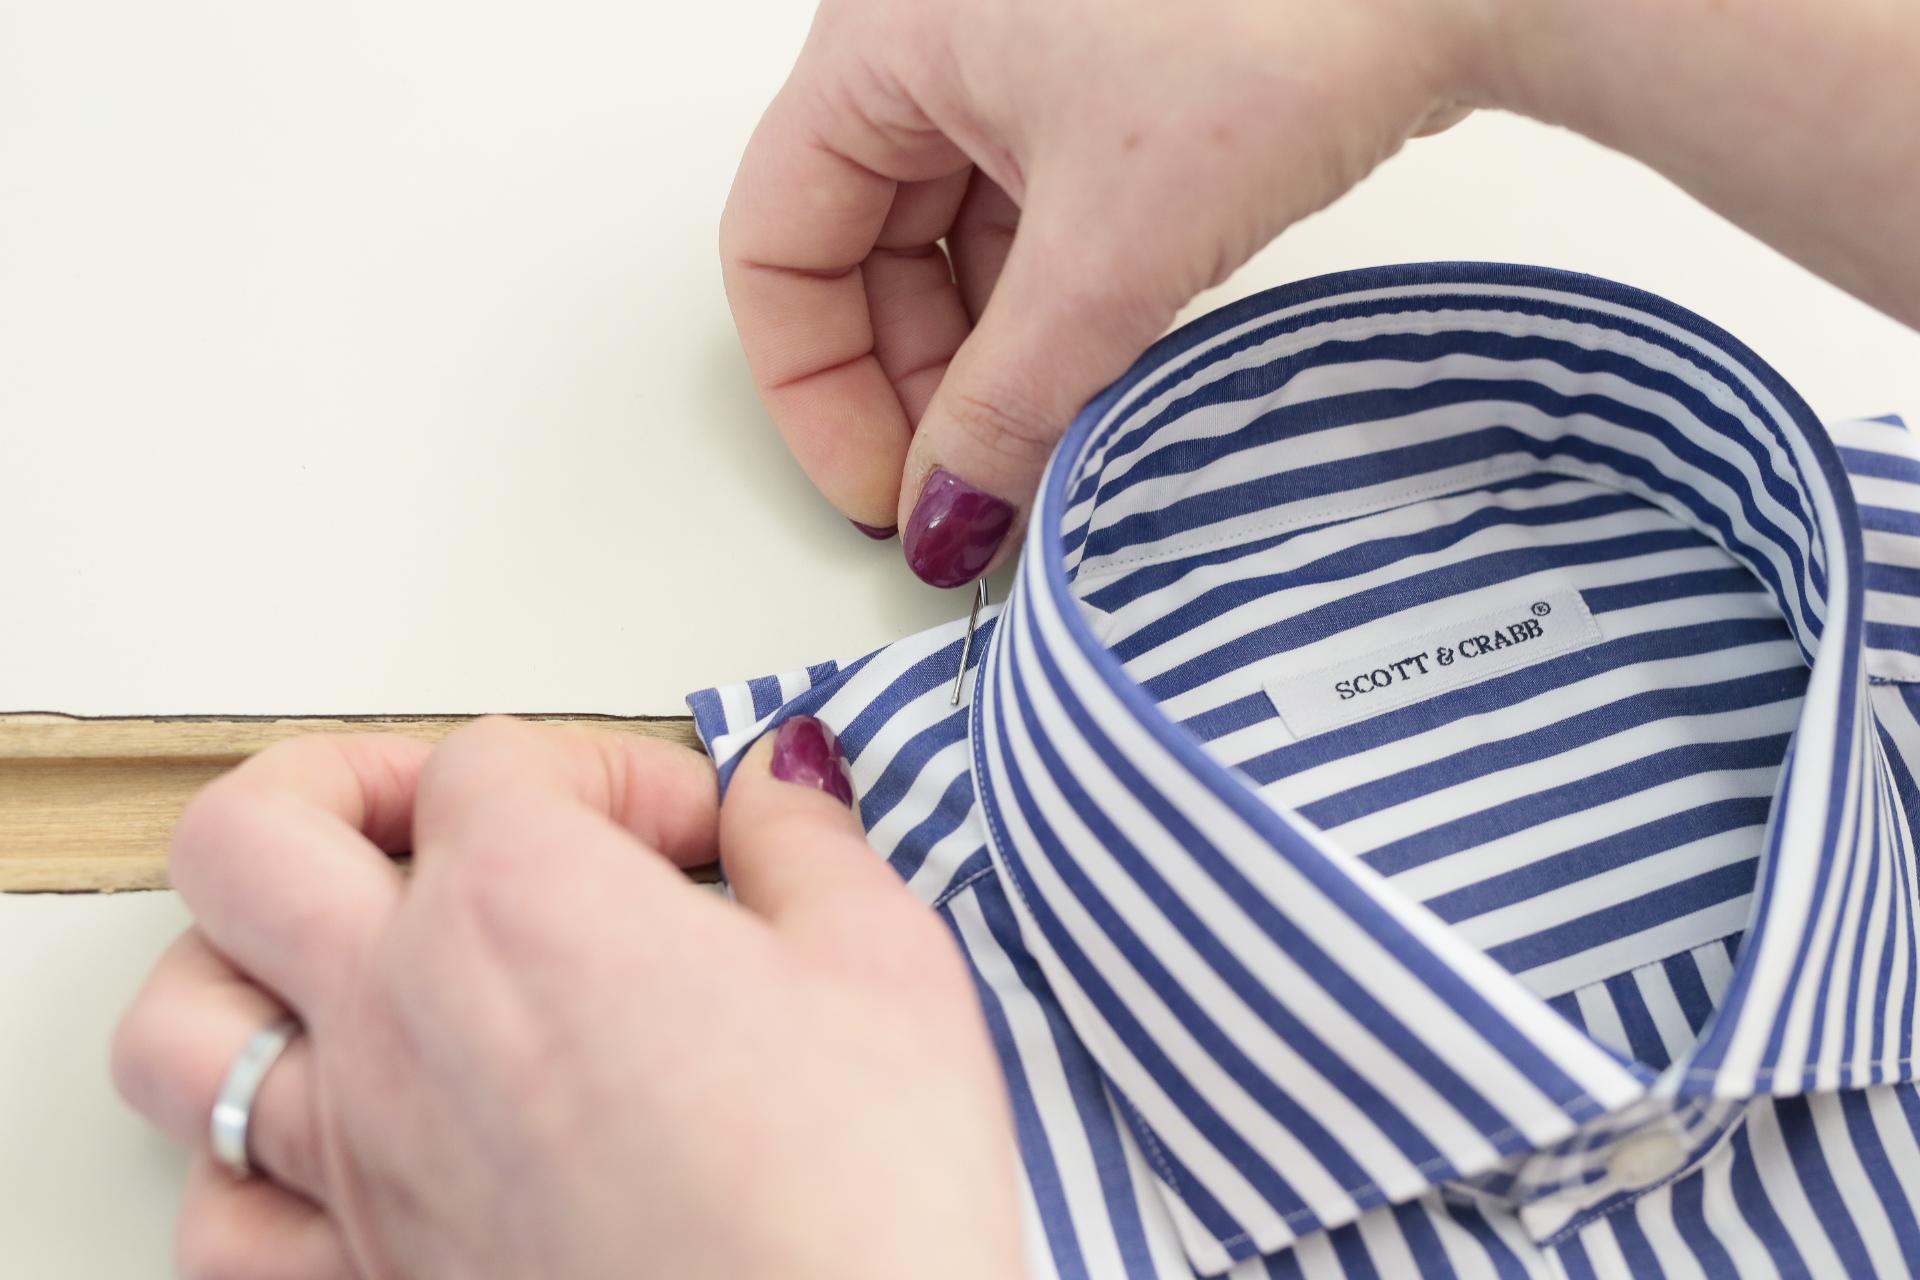 new product 8632b 5ce57 Camicia su misura? Ecco perché preferirla! - Scott & Crabb